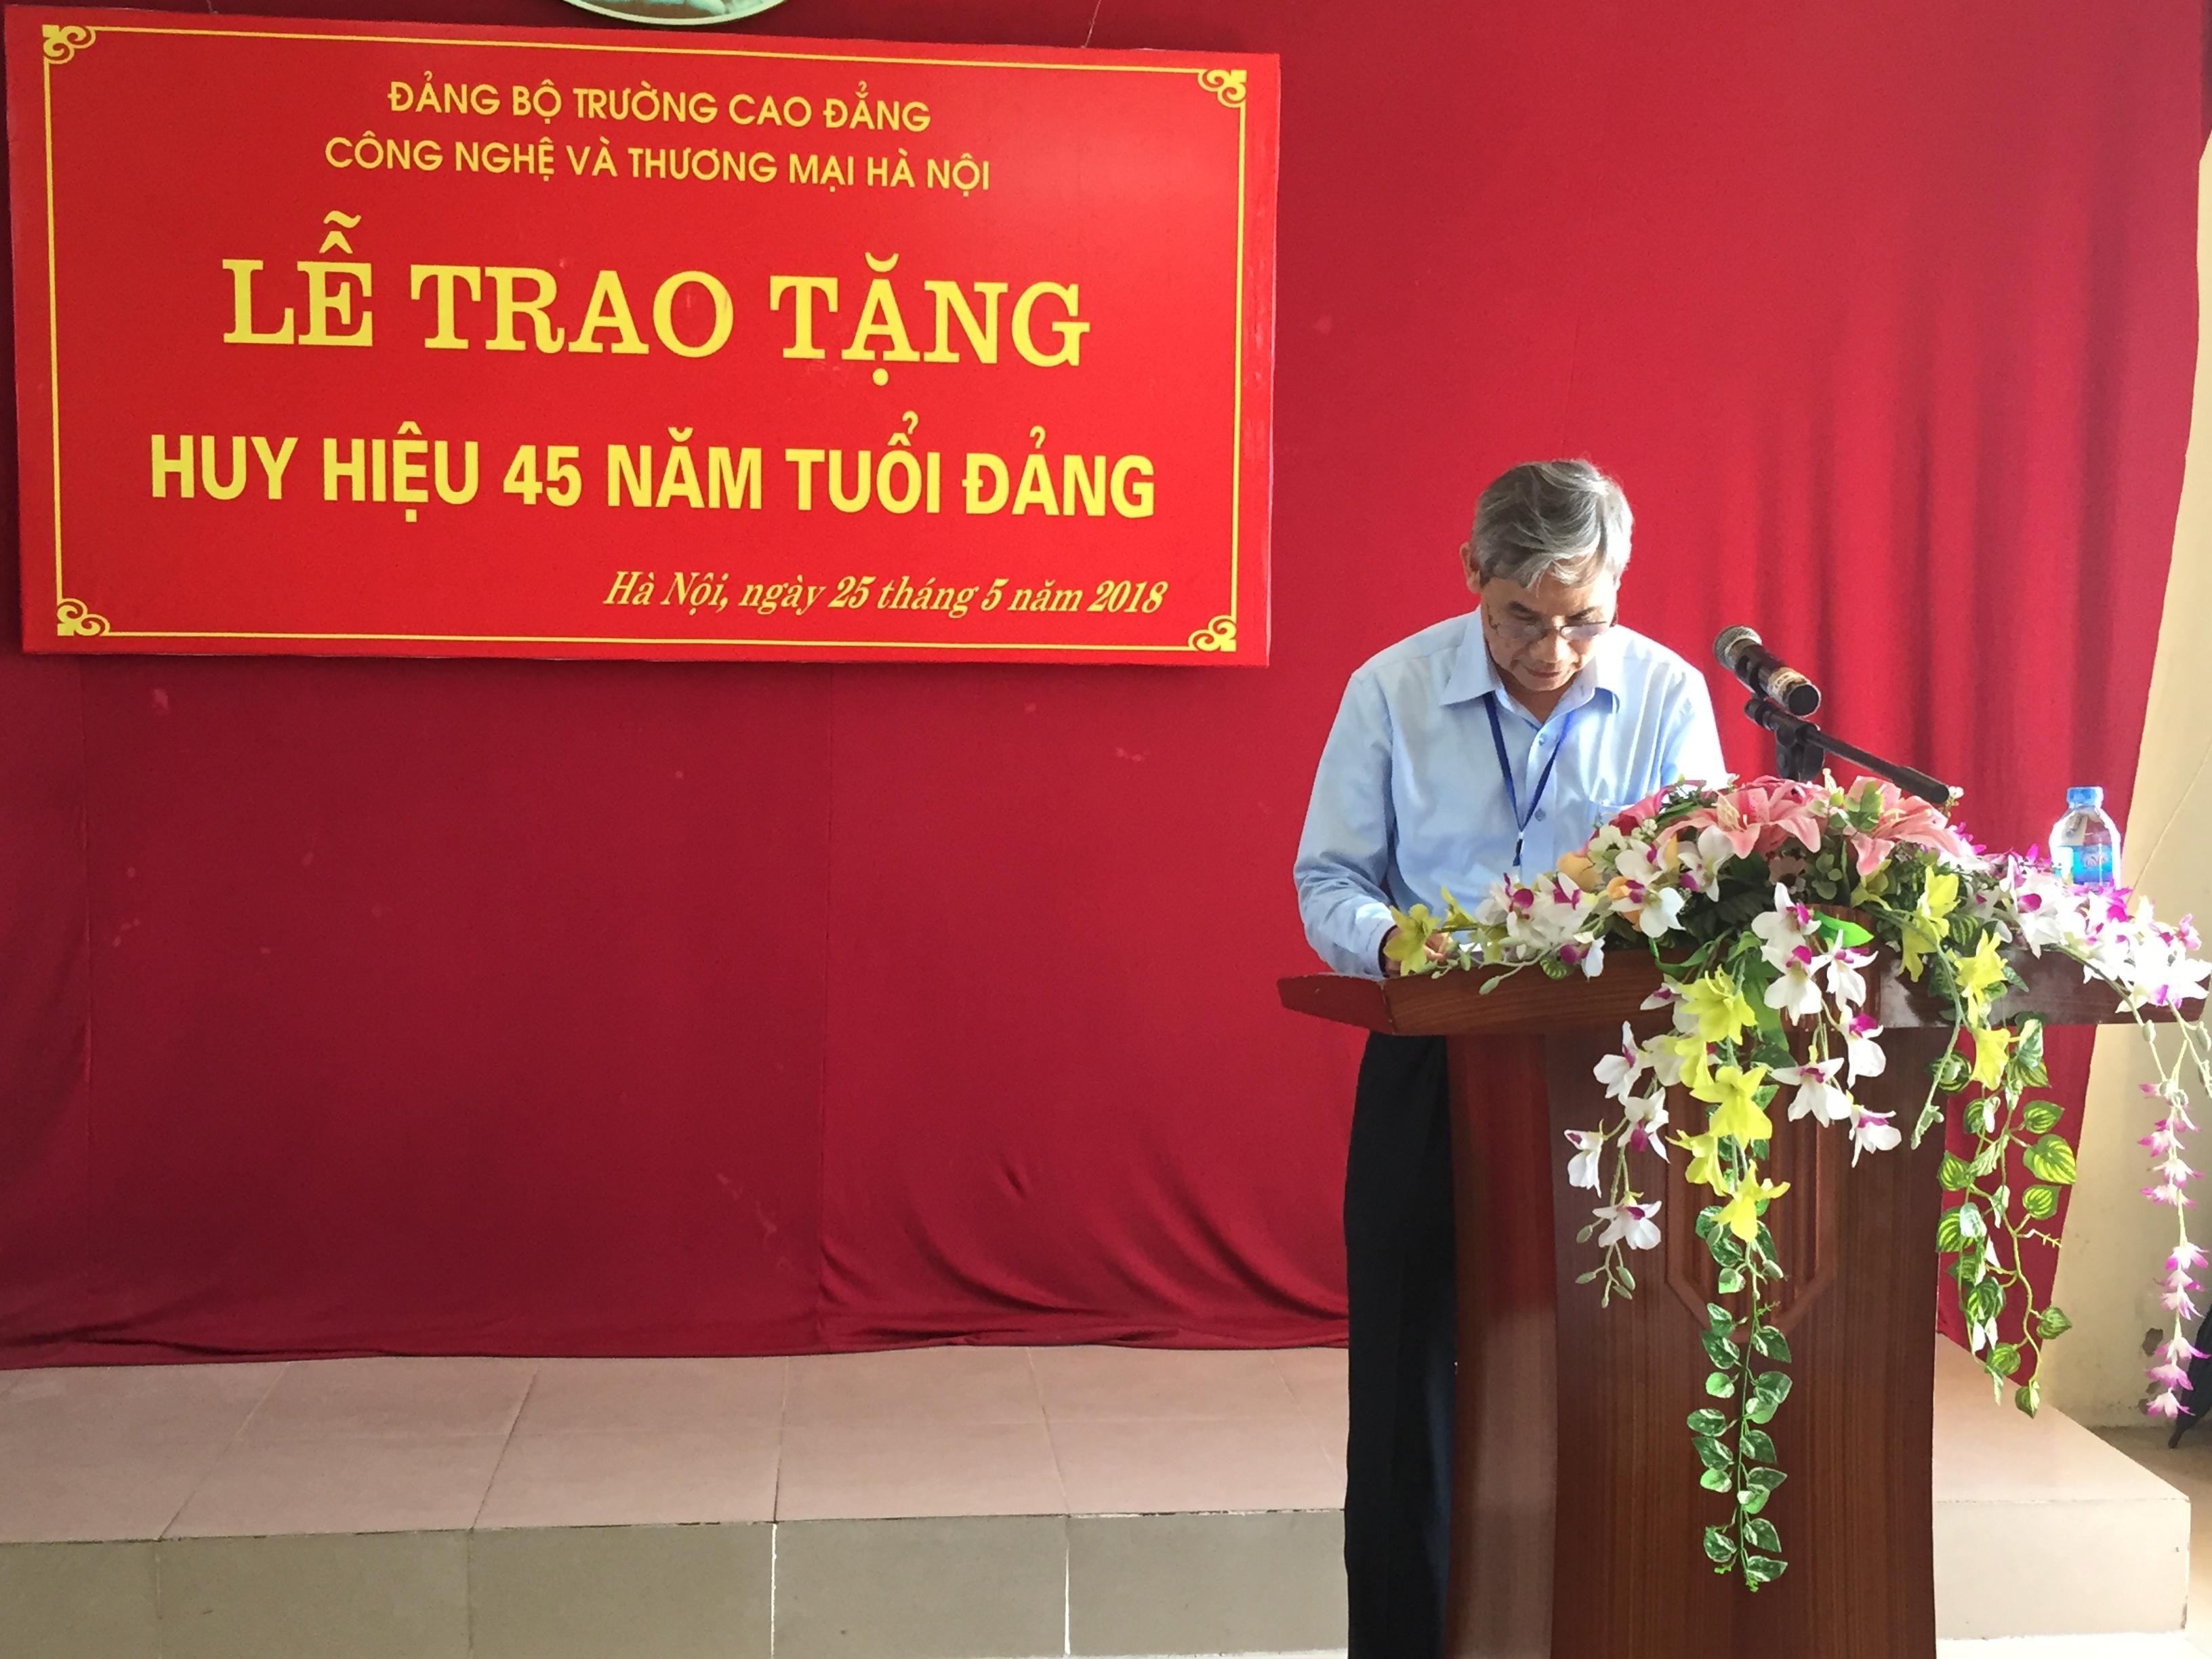 Đ/c Trần Hữu Thể - Bí thư Đảng ủy phát biểu chúc mừng đ/c Nguyễn Văn Phong tại Lễ trao tặng Huy hiệu 45 năm tuổi Đảng